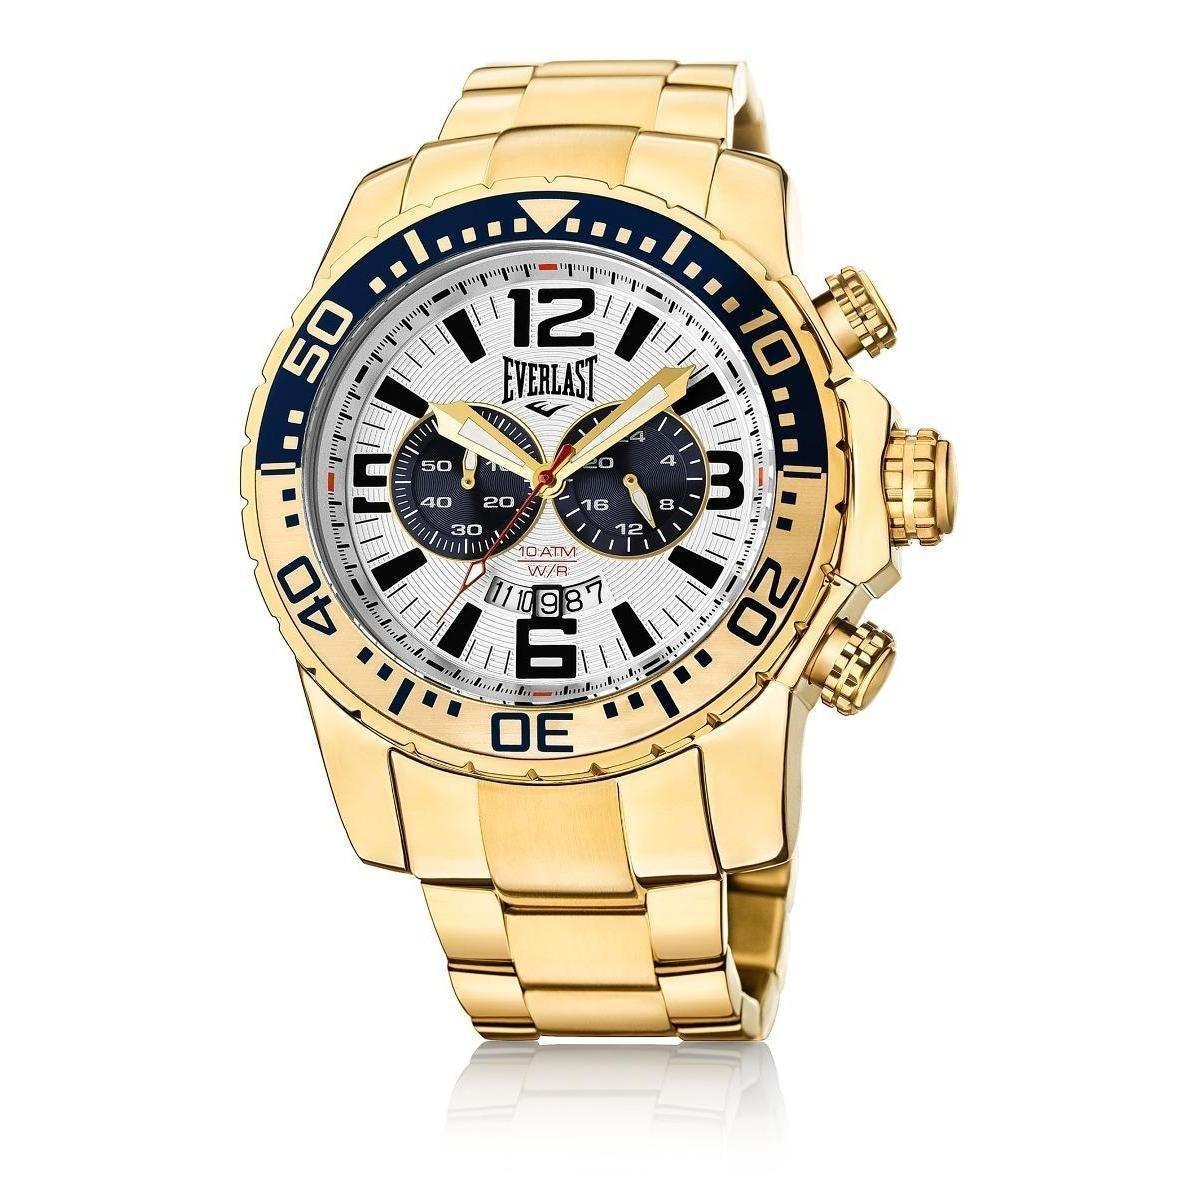 356d2bd3804 Relógio Pulso Everlast Pulseira Aço E651 Masculino - Dourado - Compre Agora